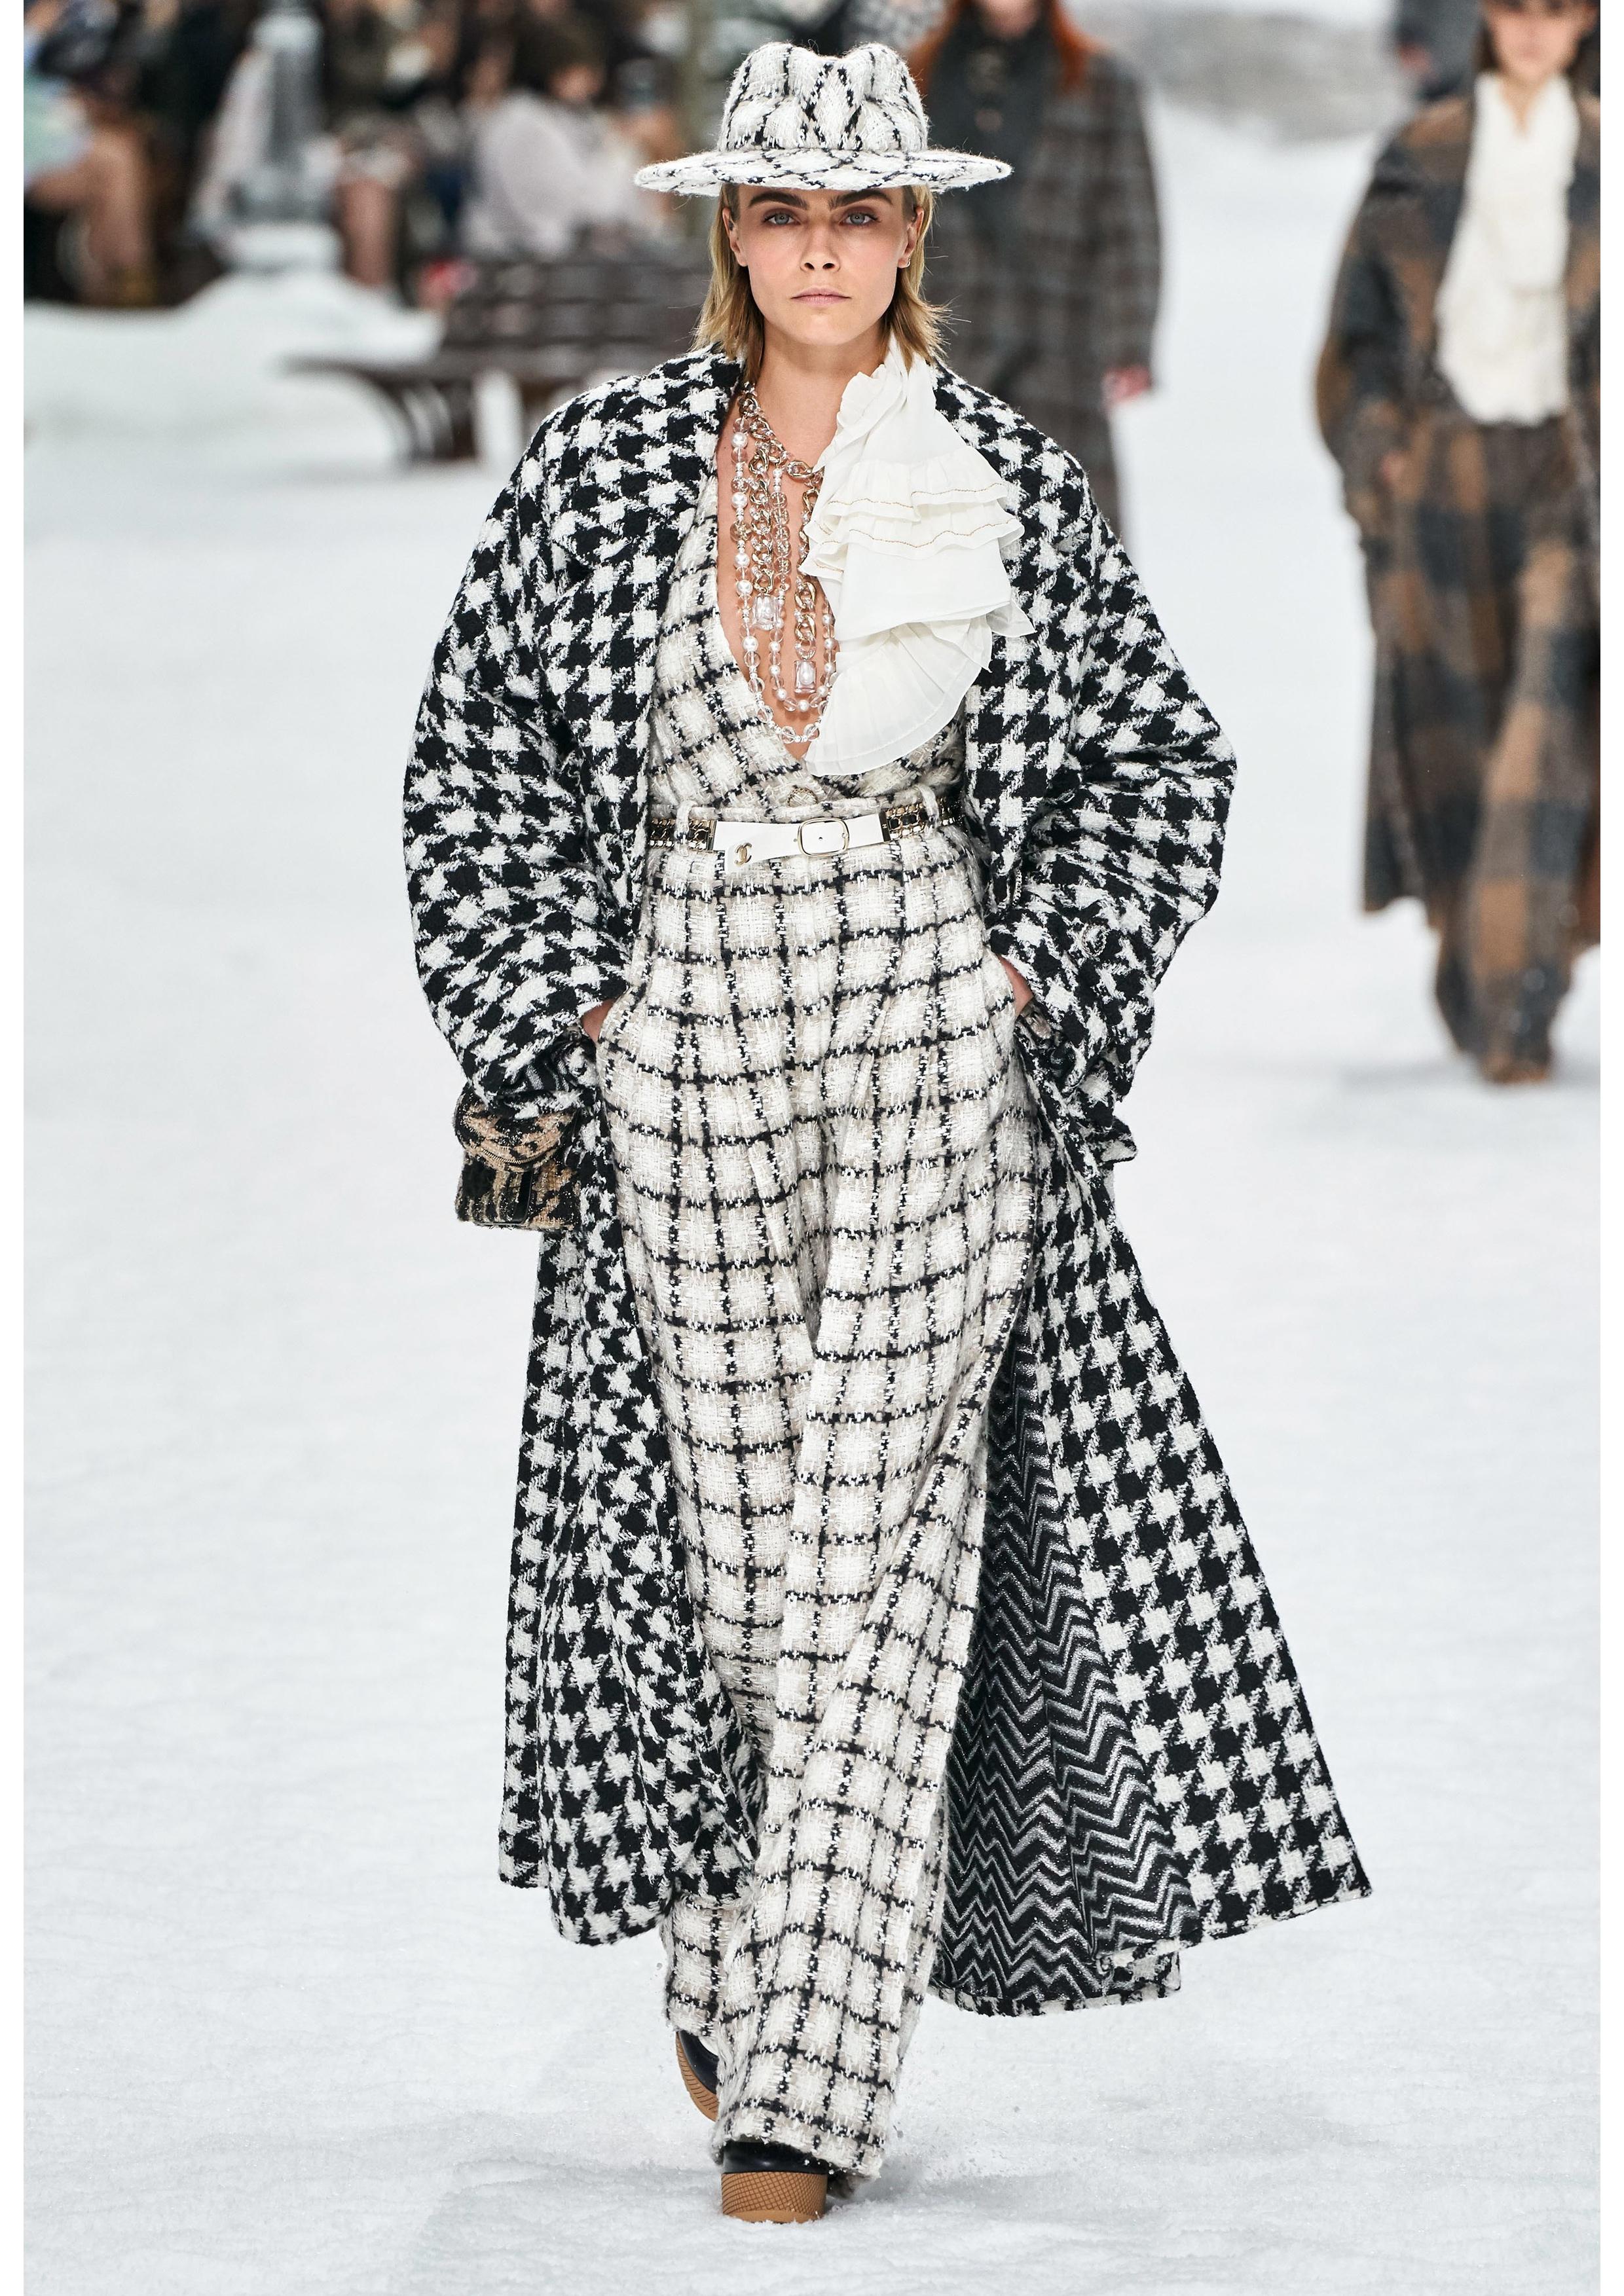 Credits: Vogue Runway